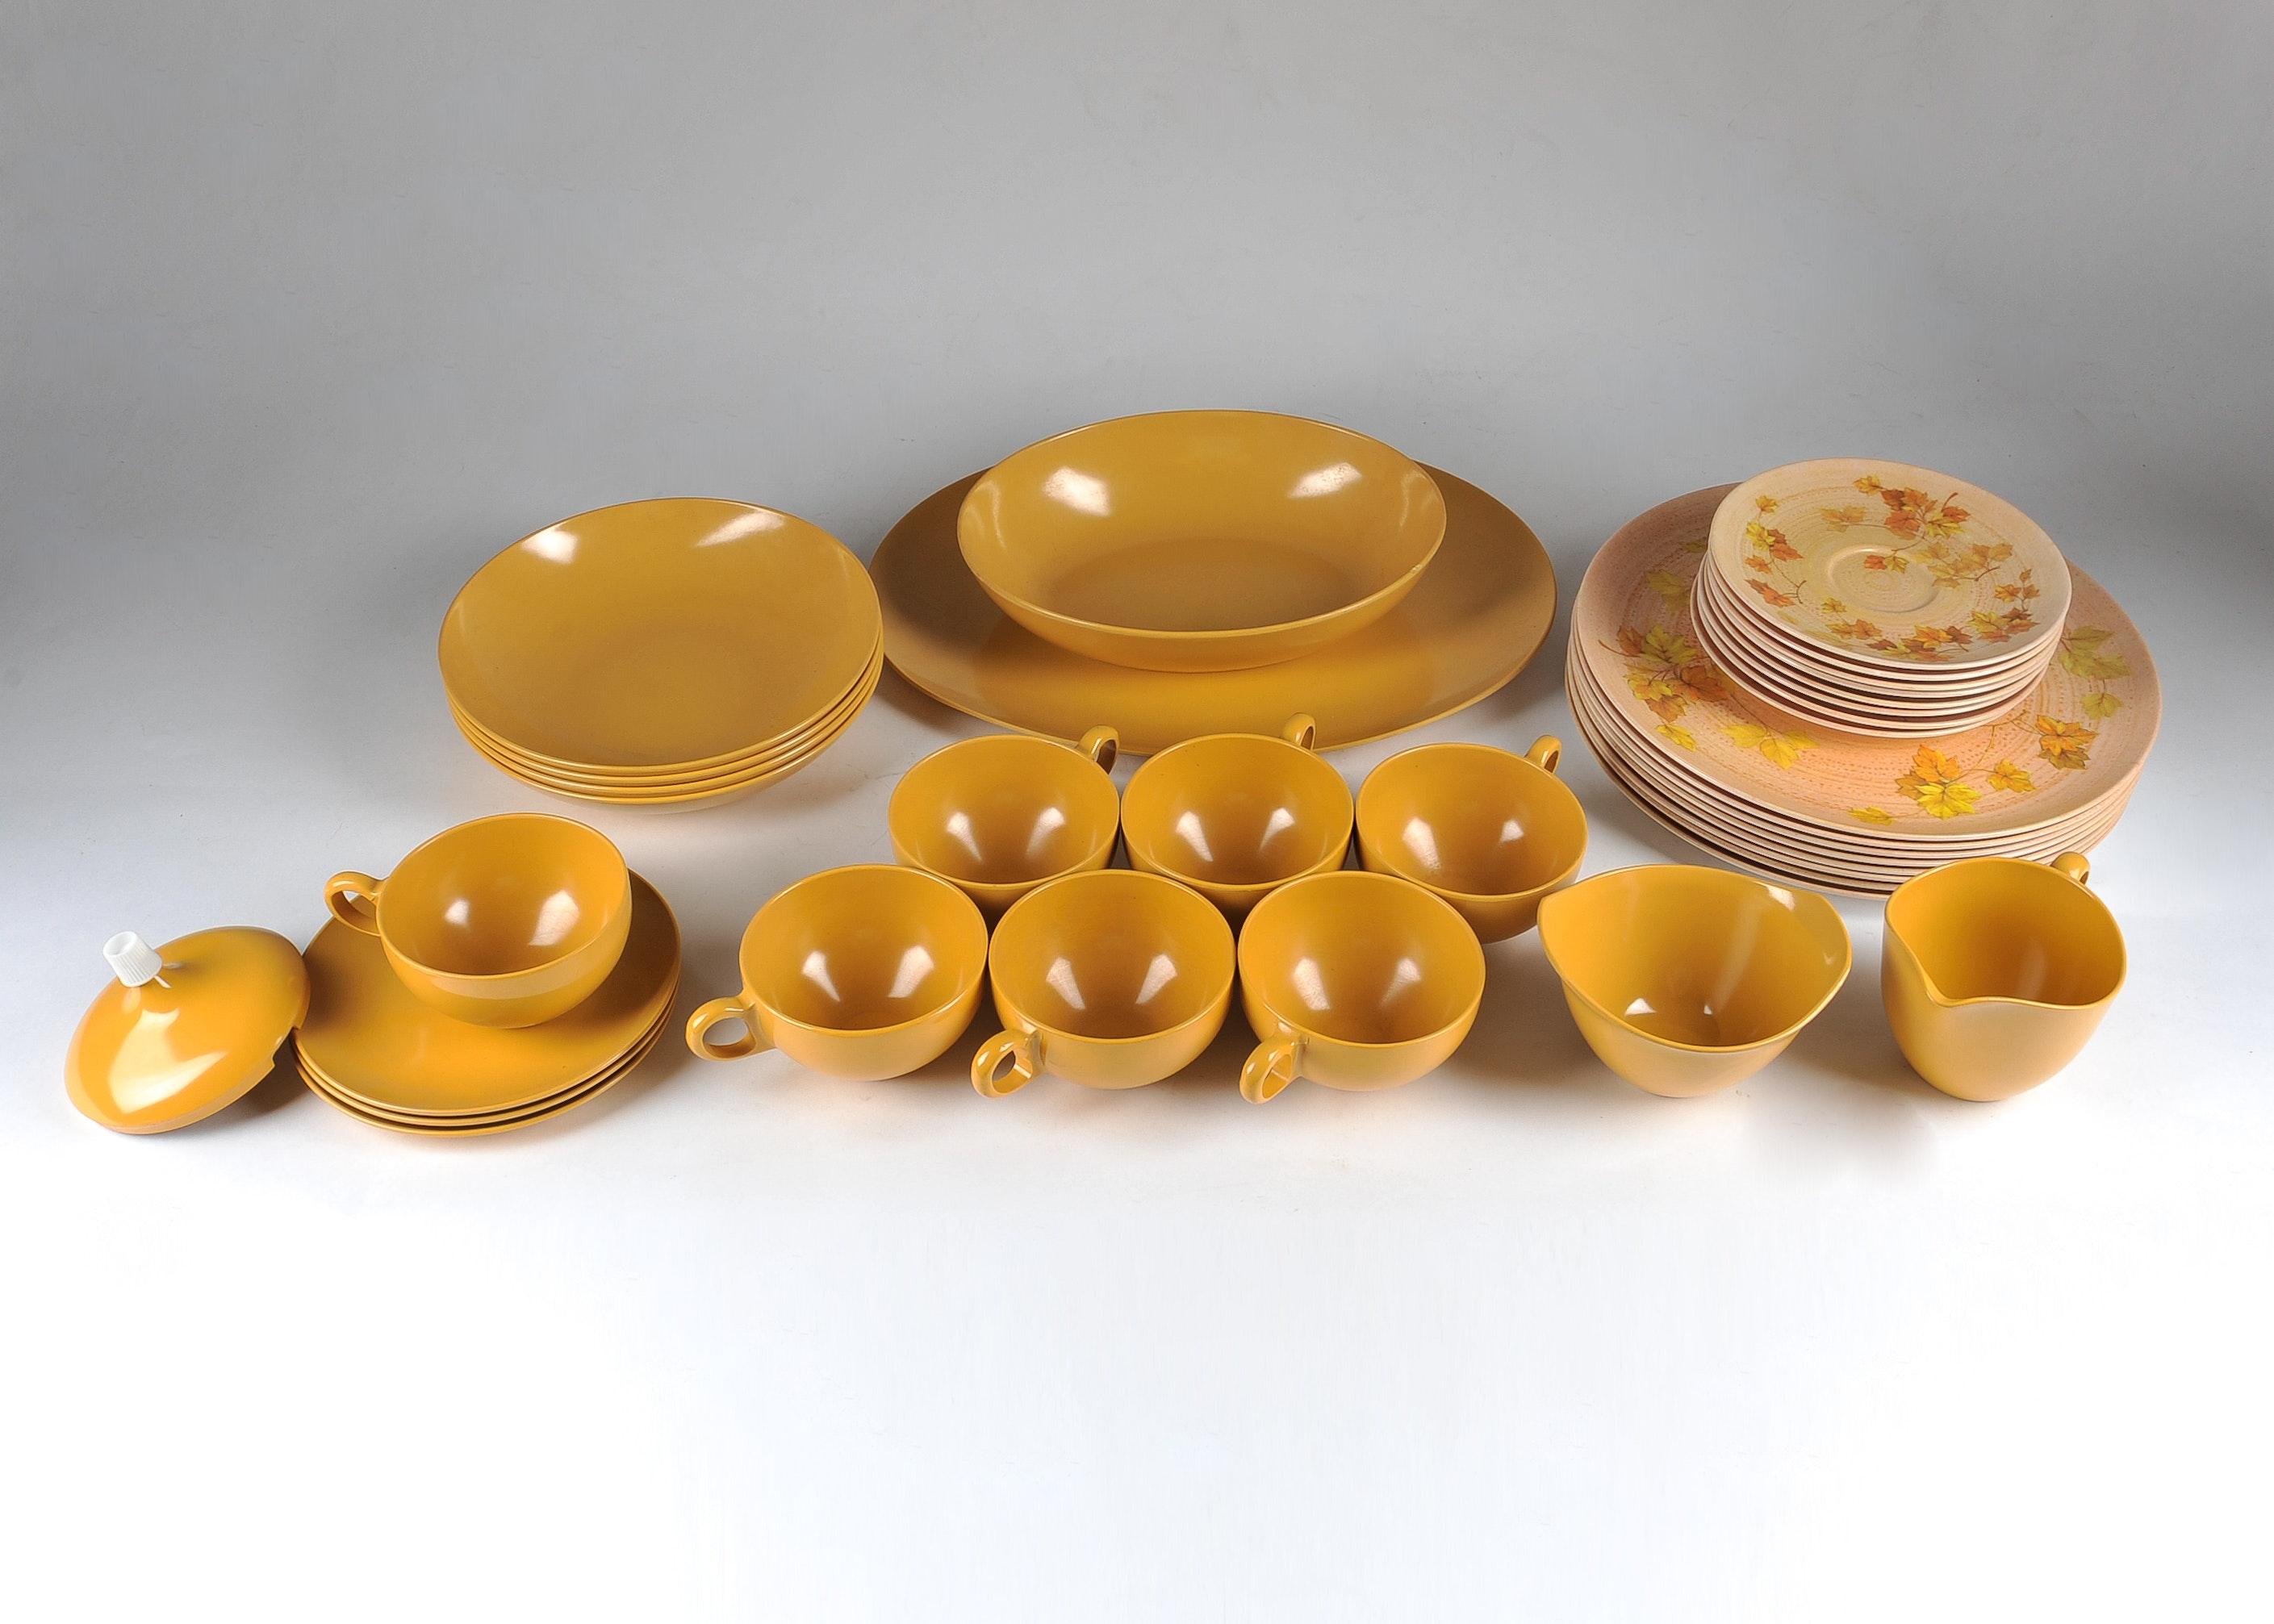 Vintage Oneida Melamine Dinnerware ... & Vintage Oneida Melamine Dinnerware : EBTH